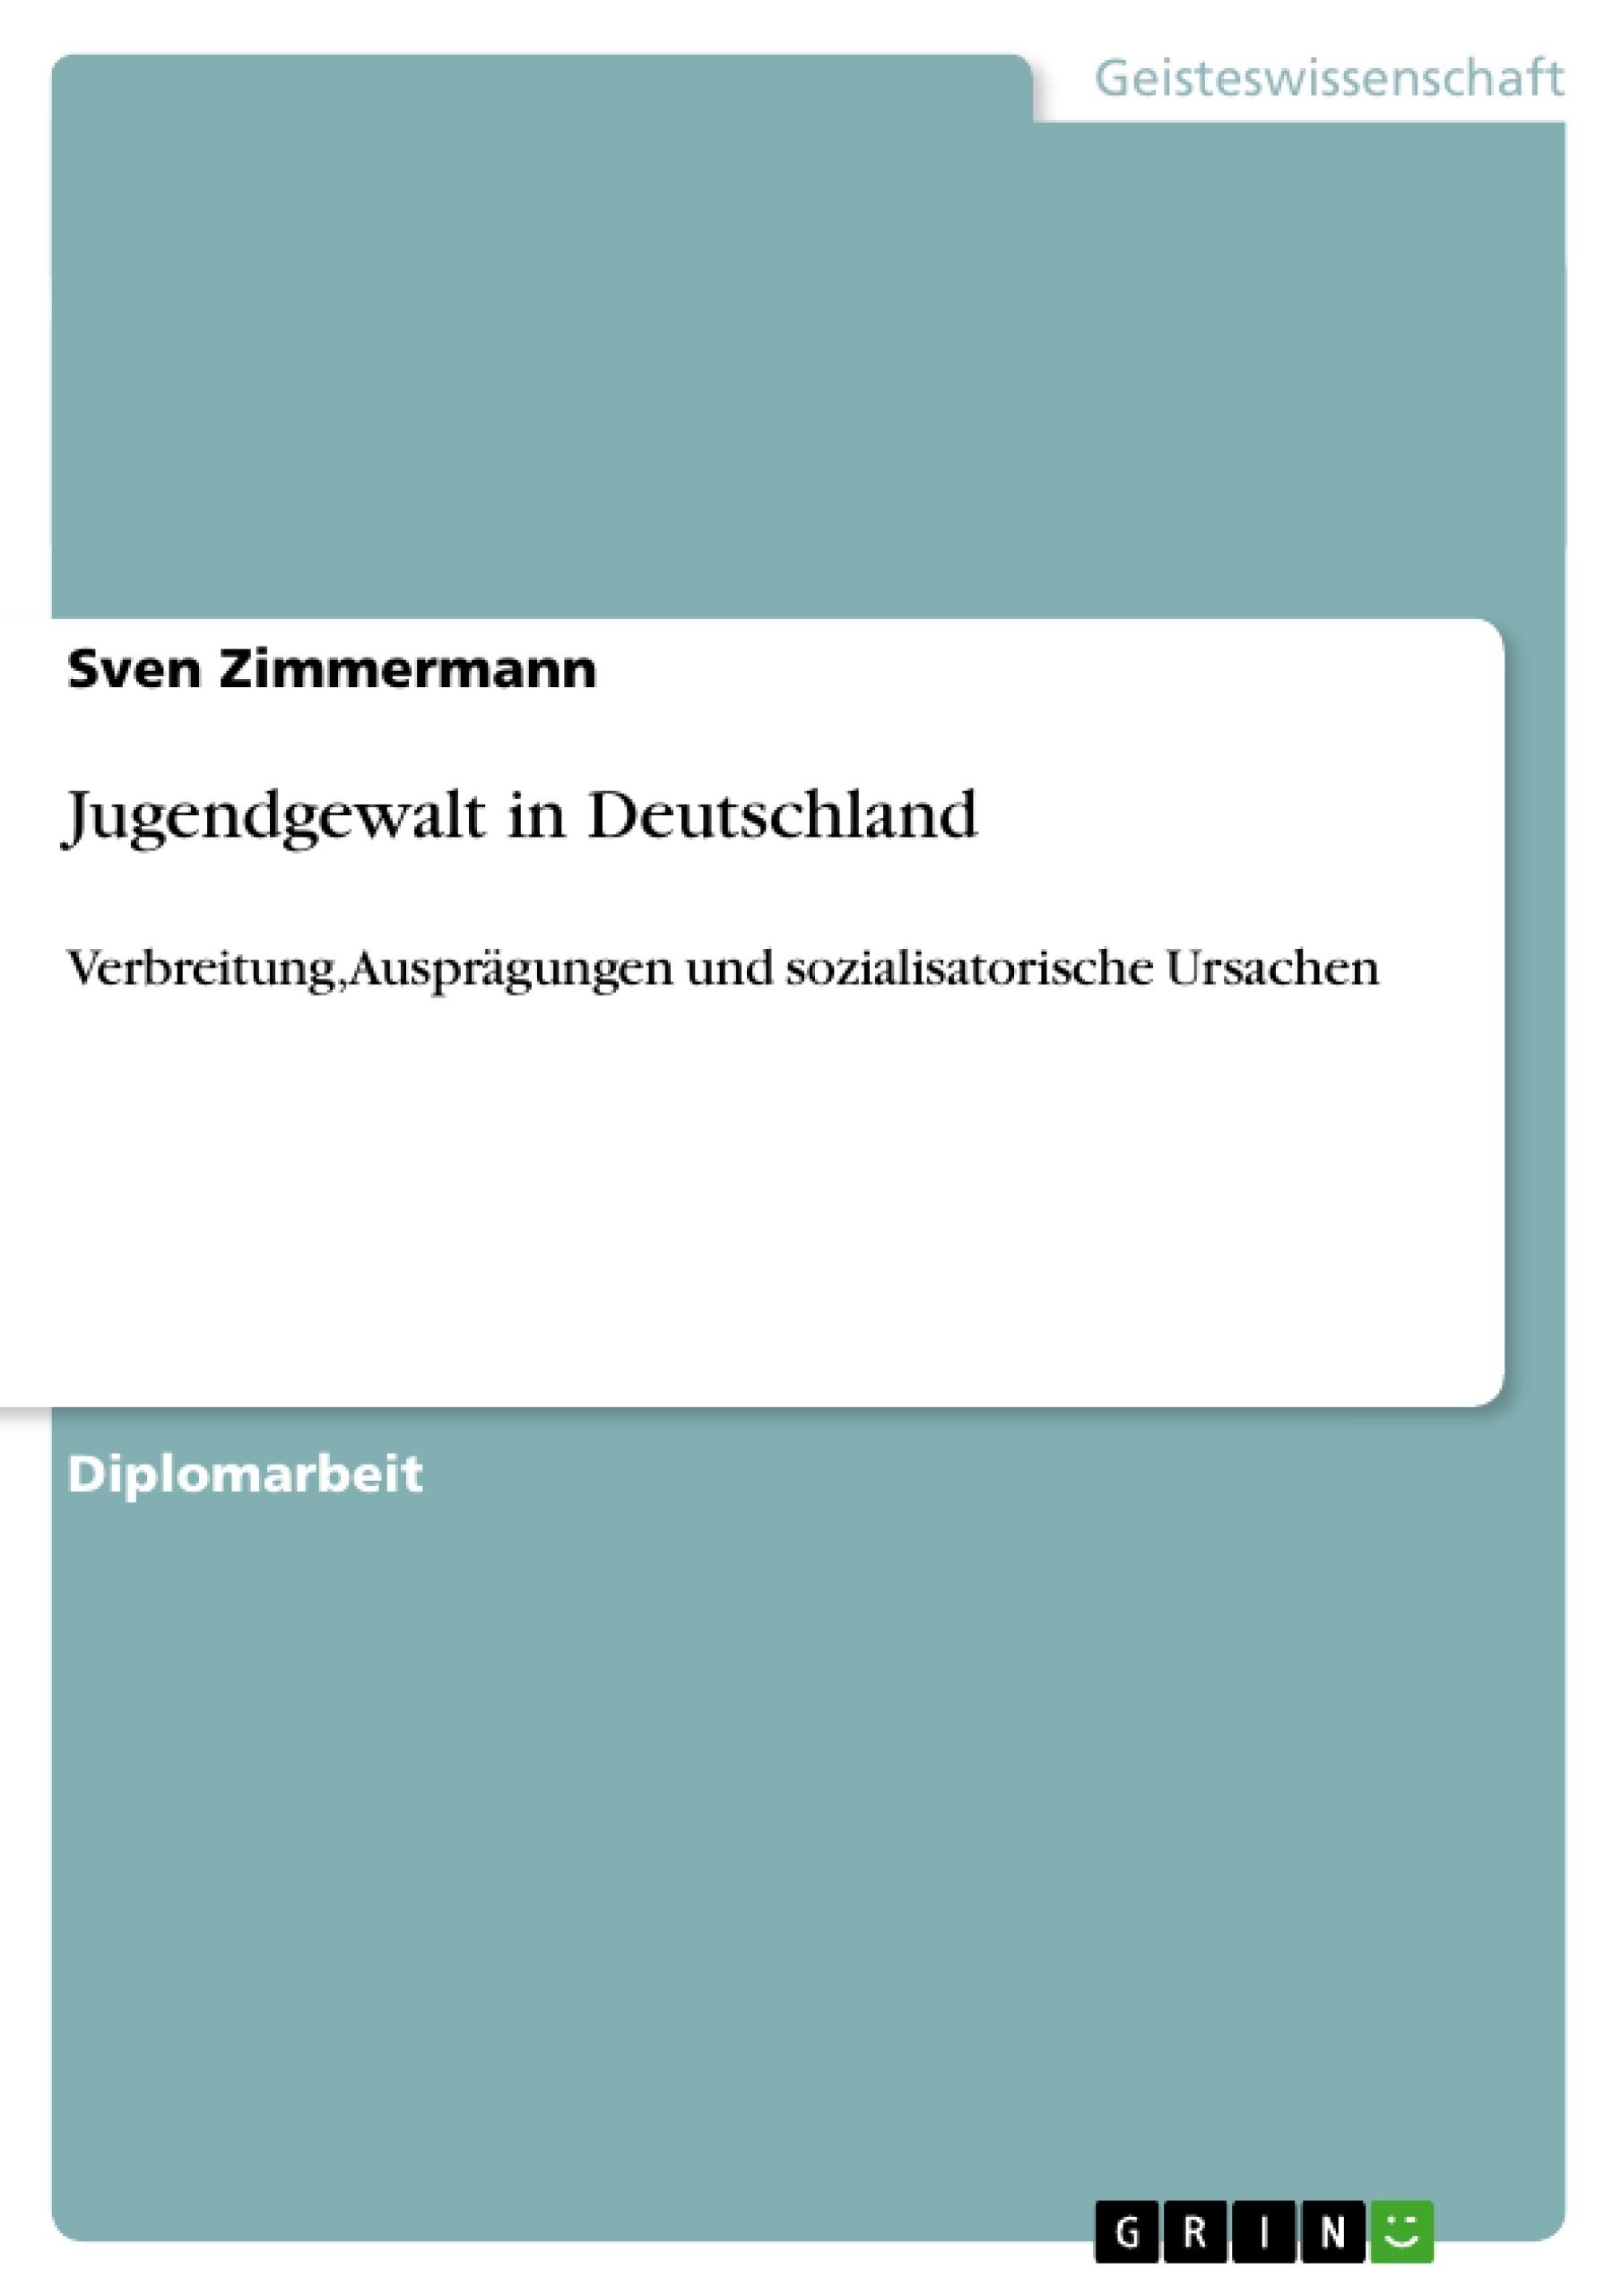 Titel: Jugendgewalt in Deutschland